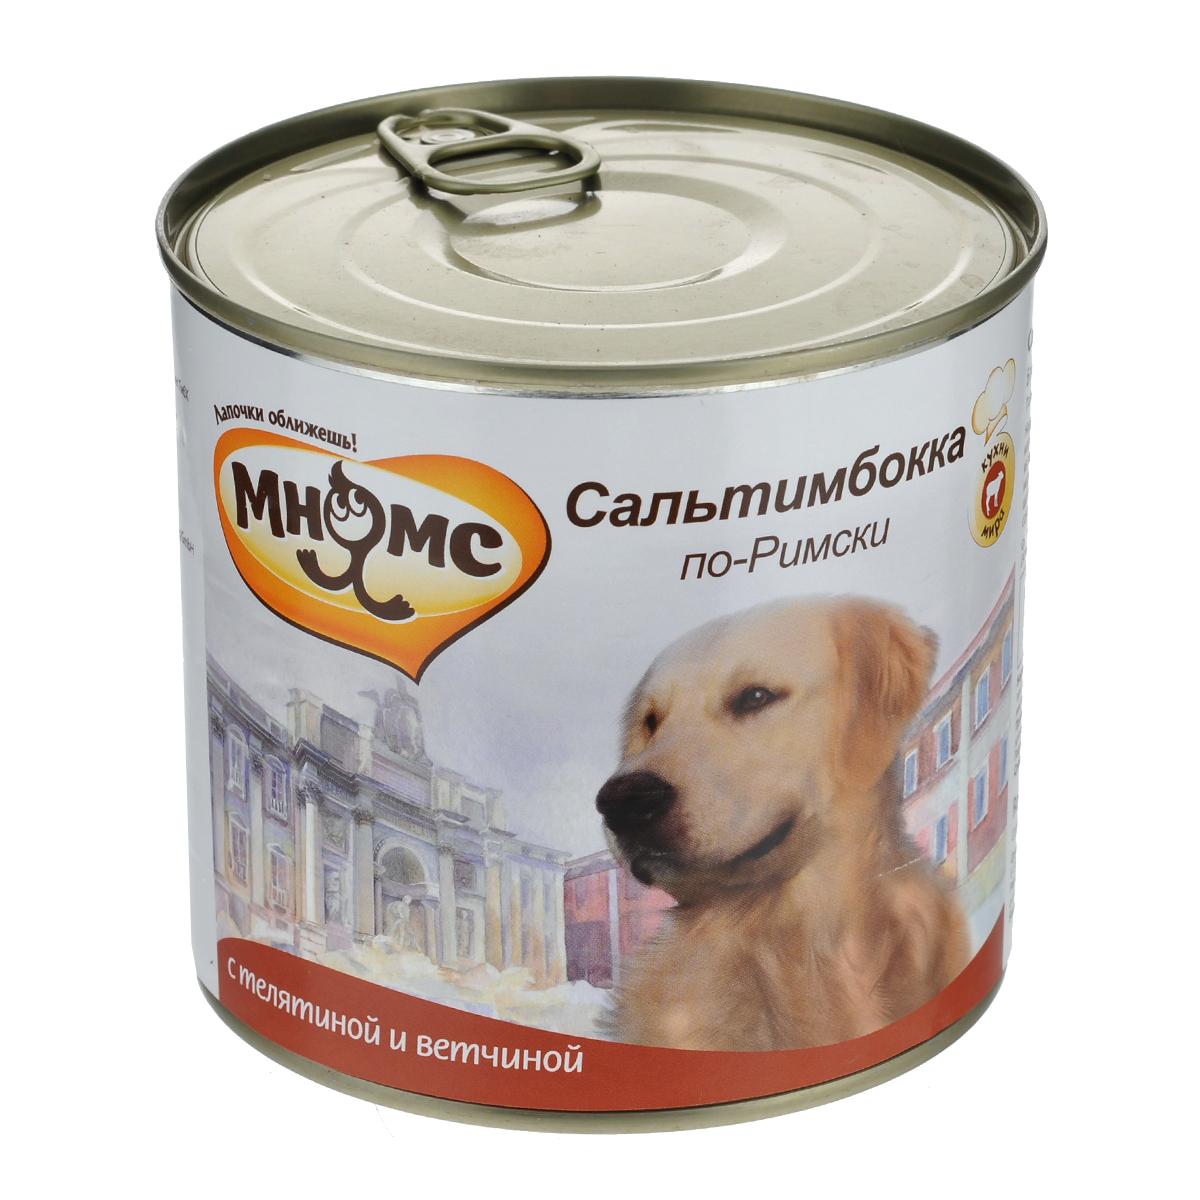 Консервы для собак Мнямс Сальтимбокка по-Римски, с телятиной и ветчиной, 600 г57623Полнорационные корма Мнямс, производимые в Германии, содержат все необходимое для здоровой и счастливой жизни вашего питомца. Входящие в состав ингредиенты абсолютно натуральны, сбалансированы и при этом обладают высокой вкусовой привлекательностью. Название этого итальянского блюда переводится на русский язык, как прыгни в рот!. Действительно, мало какое кушанье может сравниться с ним по изысканности вкуса. В Риме Сальтимбокку готовят из телячьей вырезки, которую режут на тонкие круглые кусочки - медальоны, отбивают и немного маринуют в белом вине. Затем на каждый медальон выкладывают кусочек пармской ветчины и листик шалфея, закрепляют деревянной палочкой и обжаривают на растительном масле. Телятина, пропитанная соком ветчины, становится мягкой, а шалфей придаёт мясу тонкий вкус и аромат. При кормлении необходимо учитывать возраст и активность животного. Собакавсегда должна иметь доступ к свежей питьевой воде.Состав: мясо (70%), из них телятина (15%), ветчина (15%); минералы, масла и жиры (сафлоровое масло 0,1%).Пищевая ценность: витамин Е (30 мг), витамин D3 (200 МЕ), цинк (15 мг), марганец (3 мг), йод (0,75 мг), селен (0,03 мг).Анализ: белок 10,5%, жир 6,8%, клетчатка 0,4%, зола 2,4%, влажность 79%.Вес: 600 г. Товар сертифицирован.